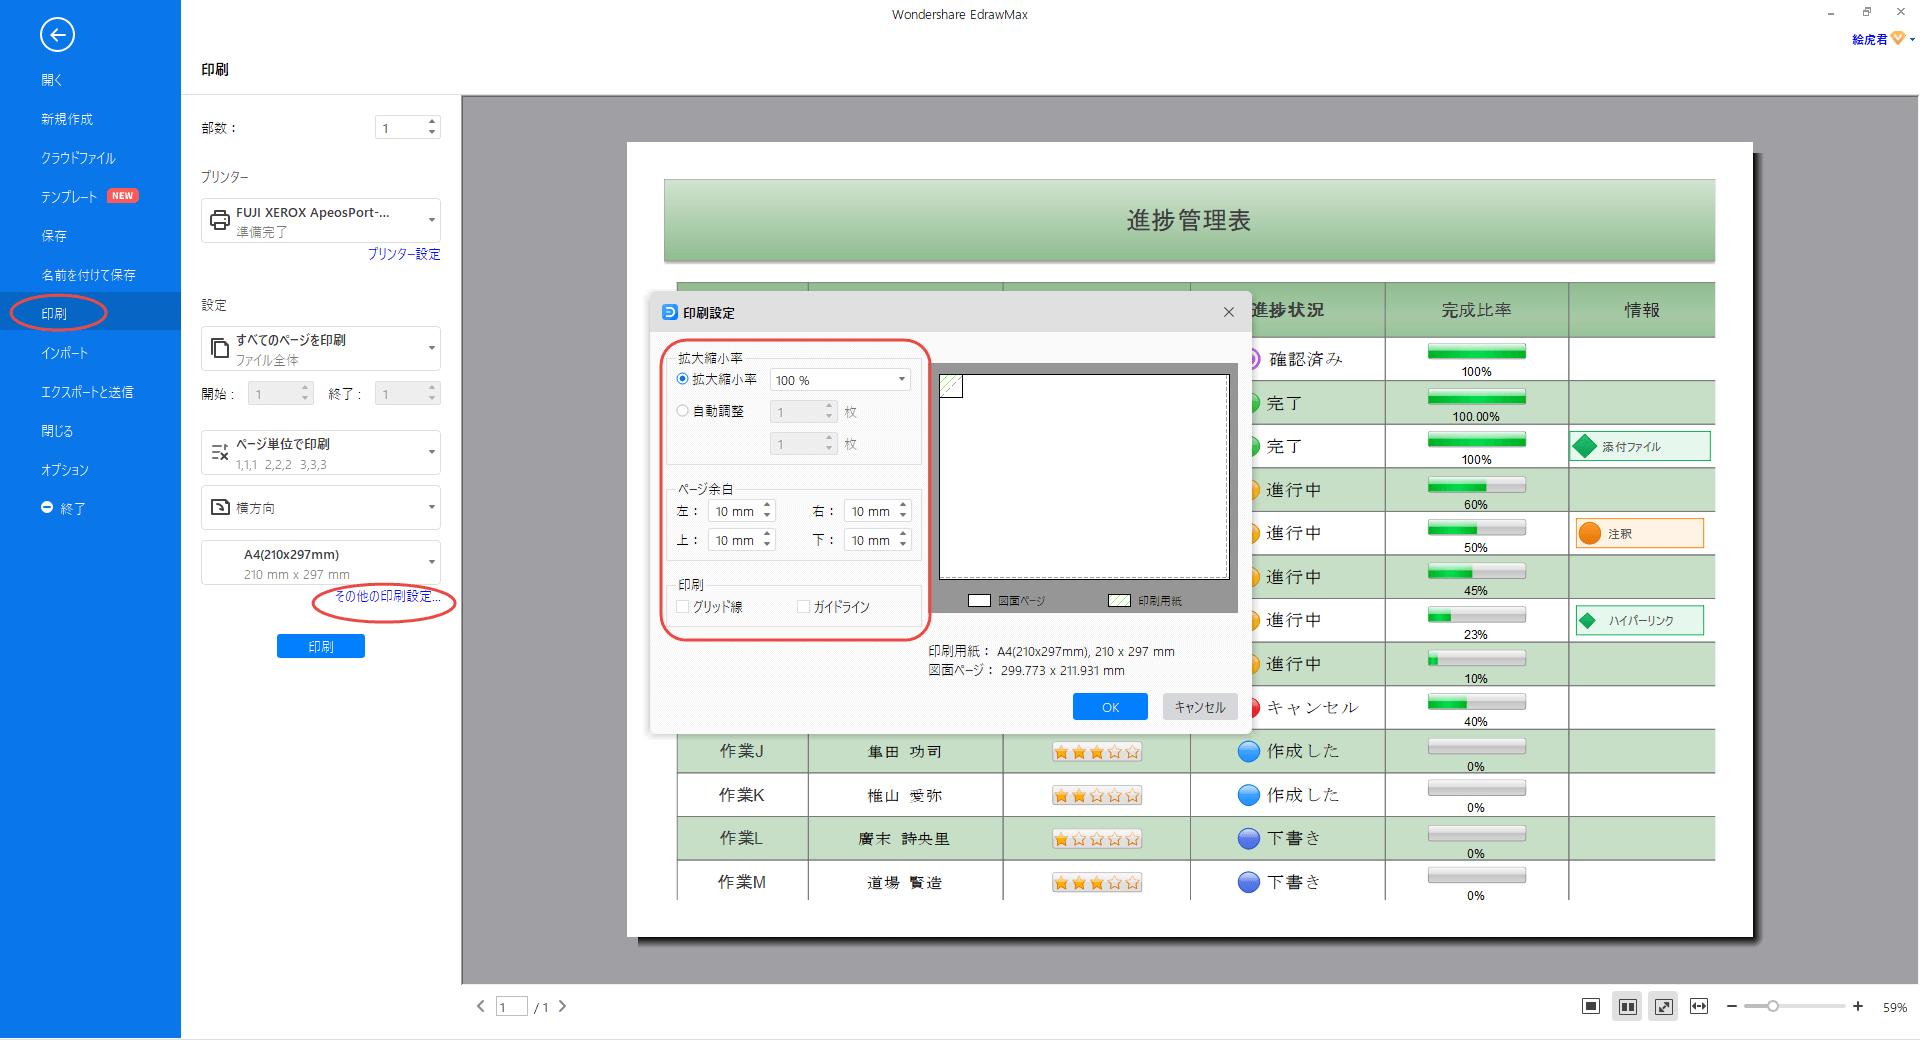 進捗管理表を印刷する